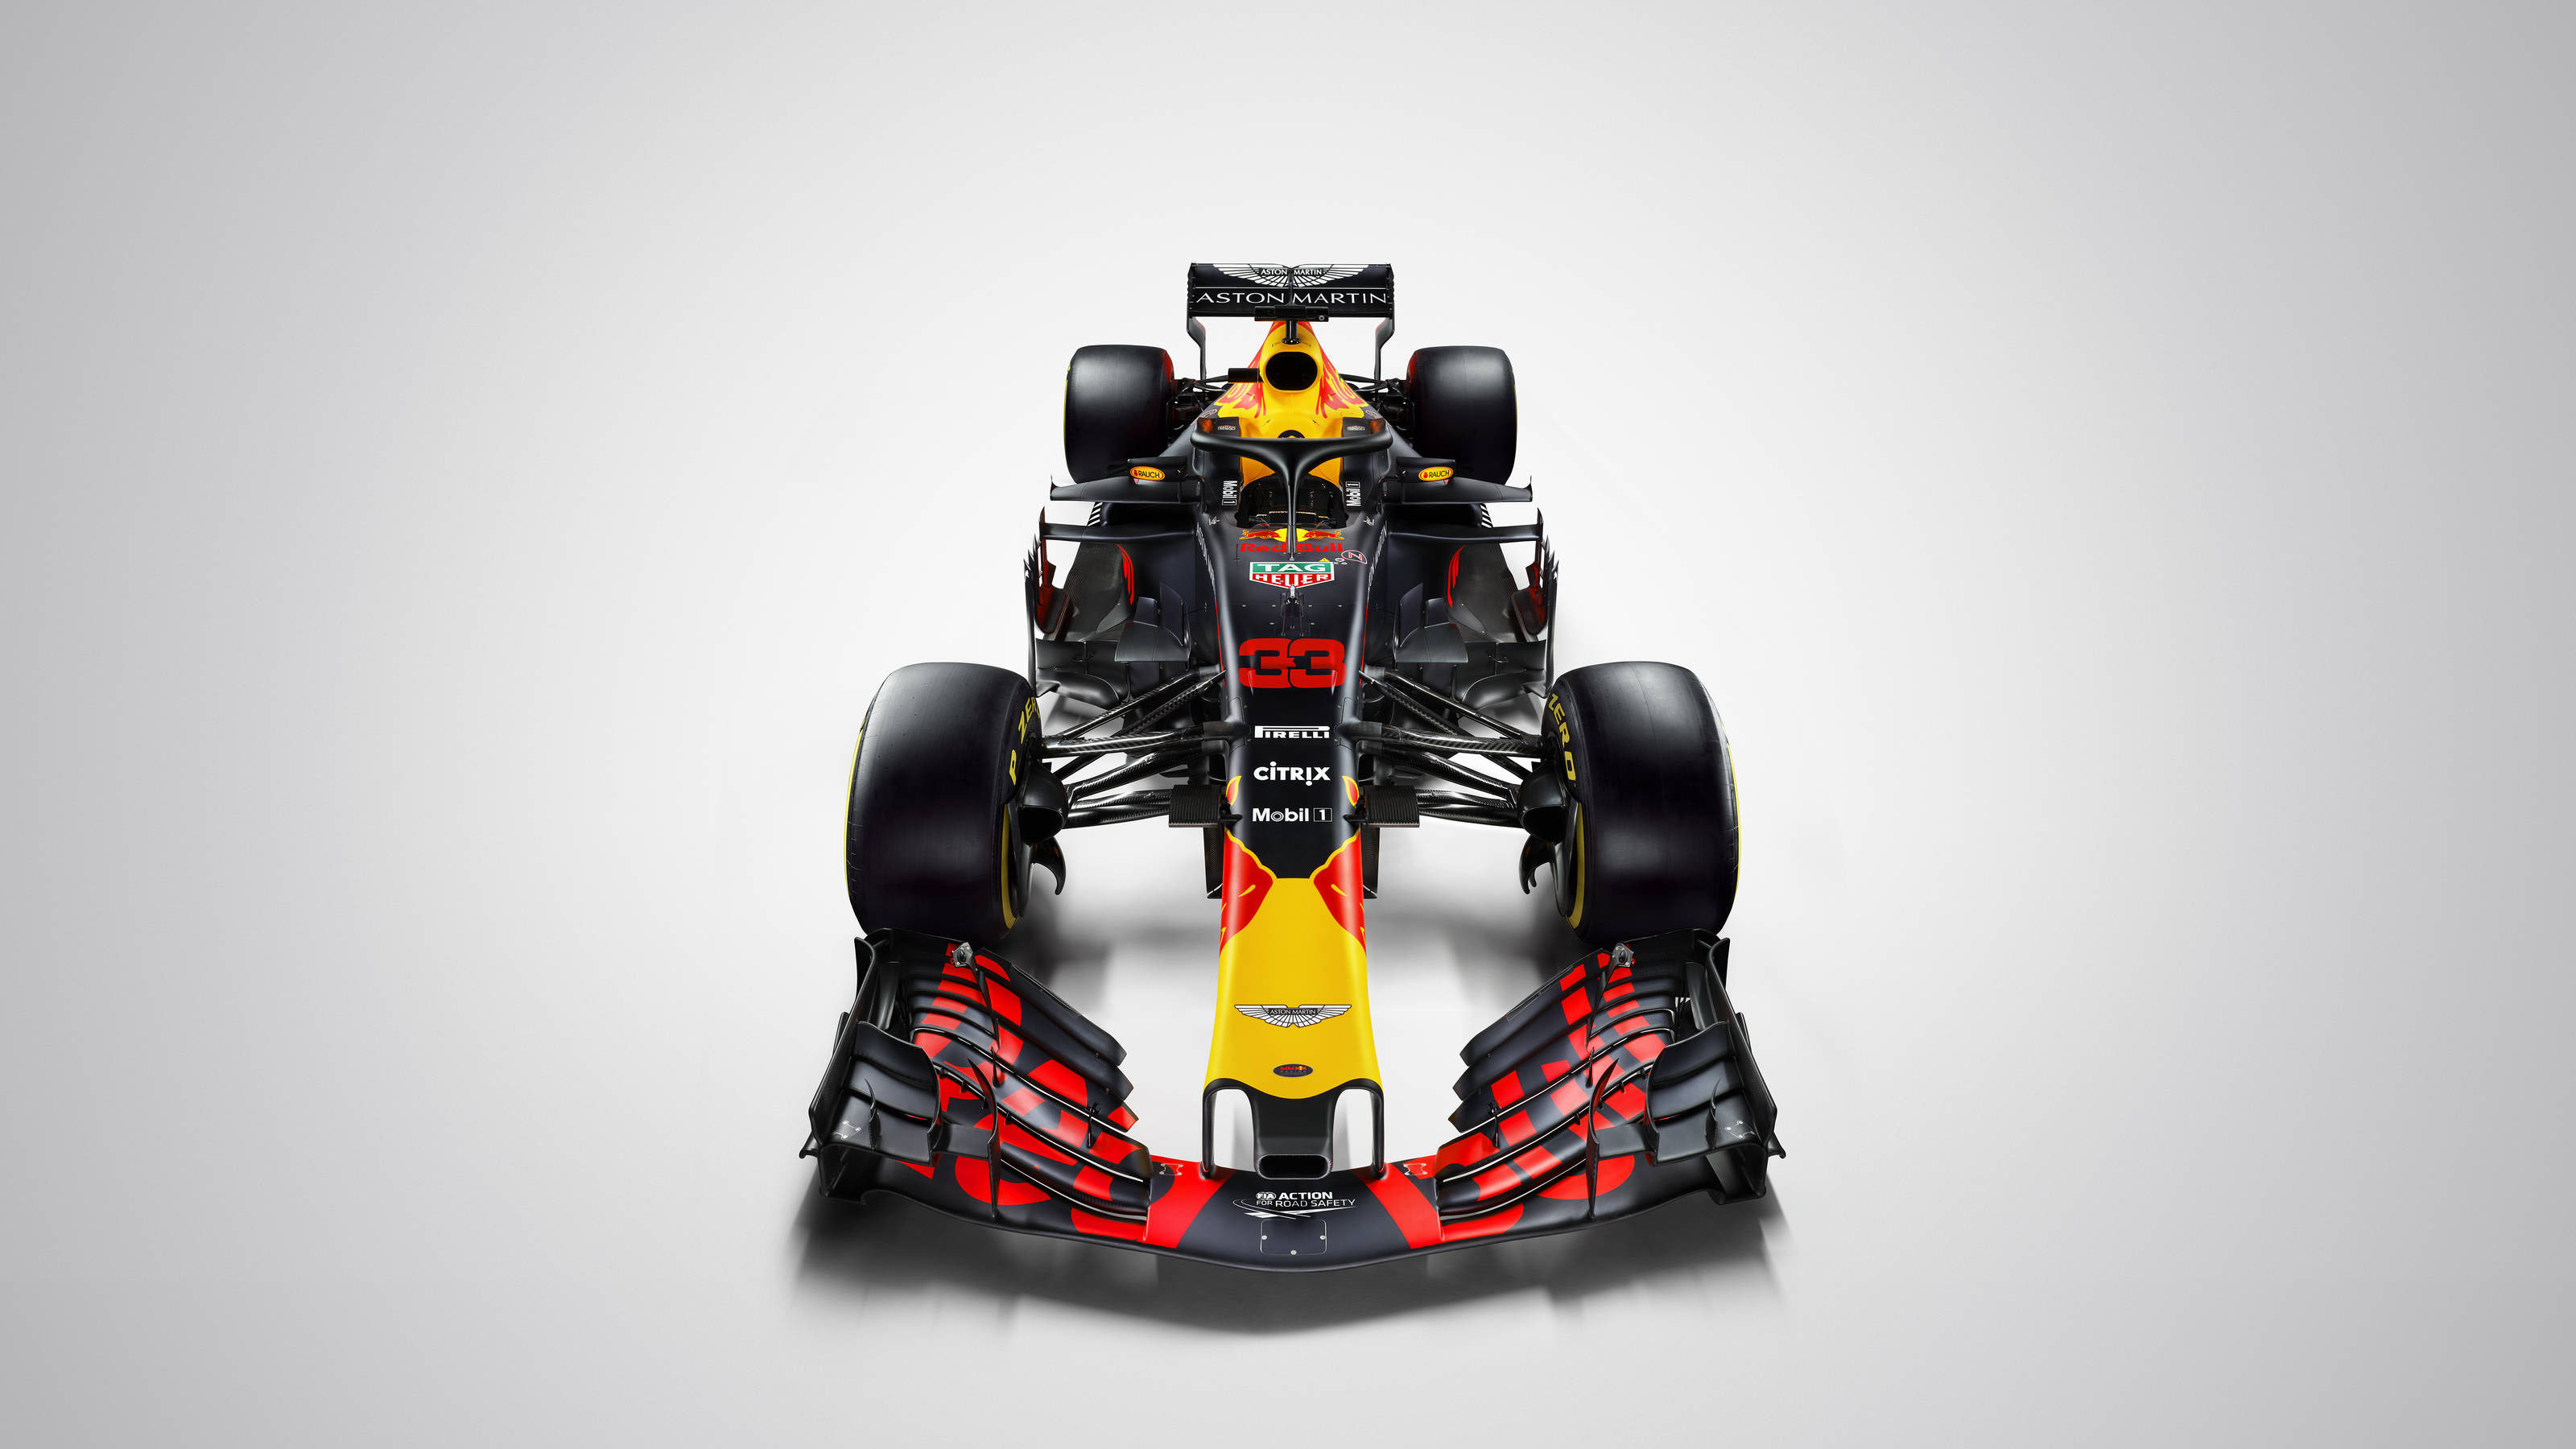 直擊 Max Verstappen 賽車!Red Bull Show Car 北中巡迴展示活動 2/18 開跑